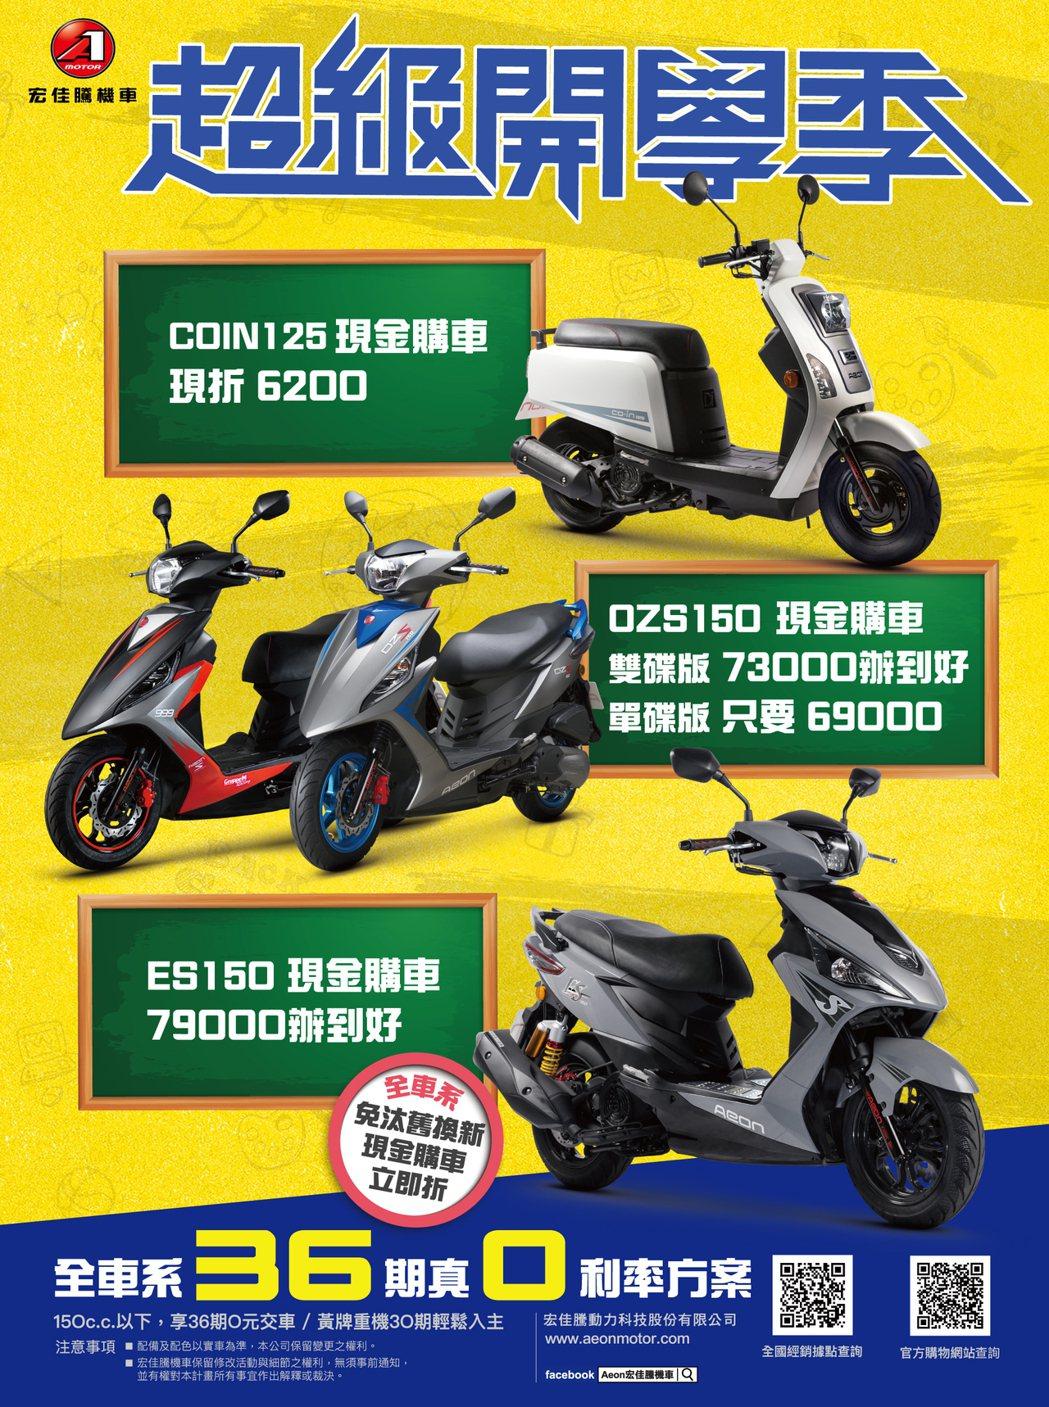 宏佳騰機車將在「台南國際生技綠能展」展出全車系車款及獨家購車優惠外,多部暢銷車款...